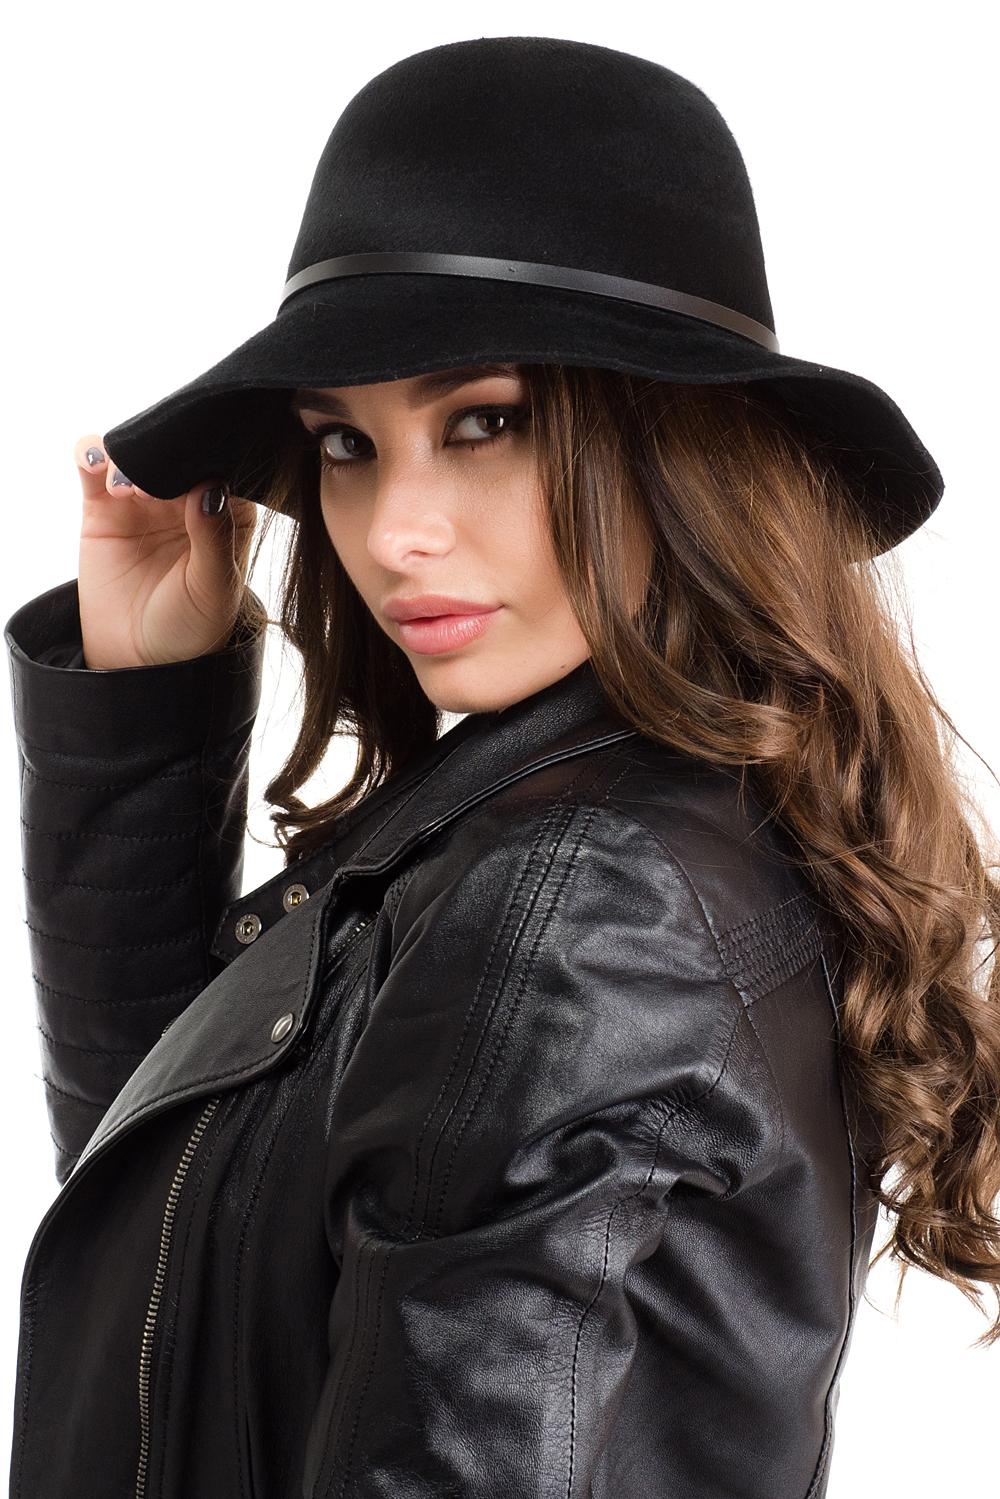 Шляпа141B-1603Элегантная женская шляпа Moltini, выполненная из натуральной шерсти, дополнит любой образ. Модель с широкими полями и высокой тульей. Шляпа-клош по тулье оформлена тонким кожаным ремешком на металлической заклепочке. Внутри модель дополнена плотной тесьмой для комфортной посадки изделия по голове. Аккуратные поля шляпы придадут вашему образу таинственности и шарма. Такая шляпа подчеркнет вашу неповторимость и прекрасный вкус.